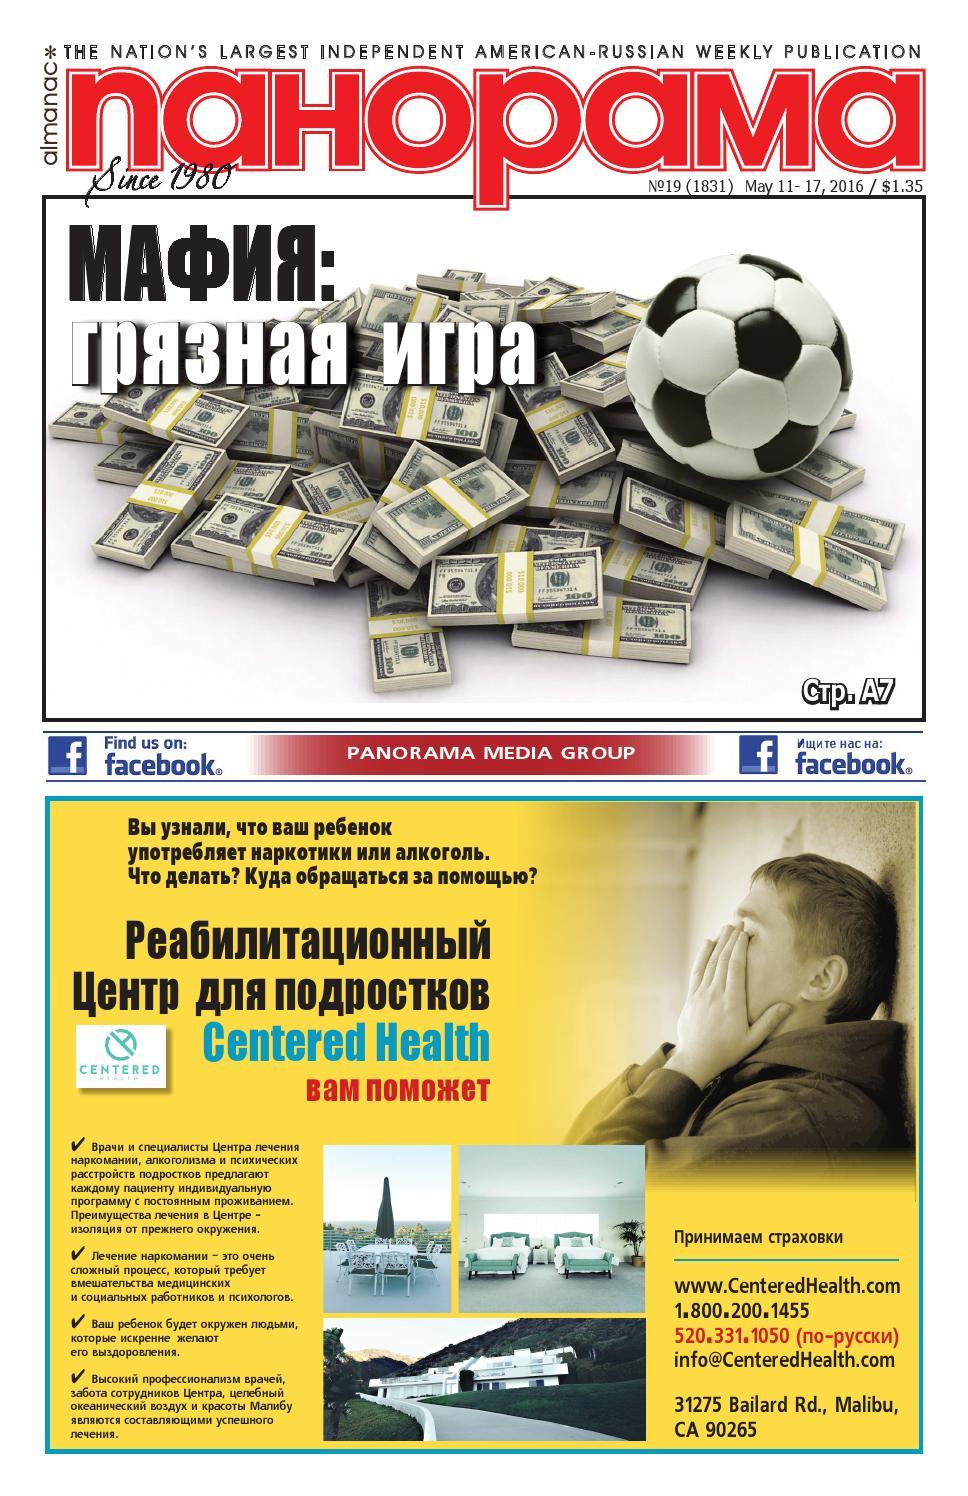 Накрутка подписчиков, лайков в ВКонтакте, Facebook, Instagram